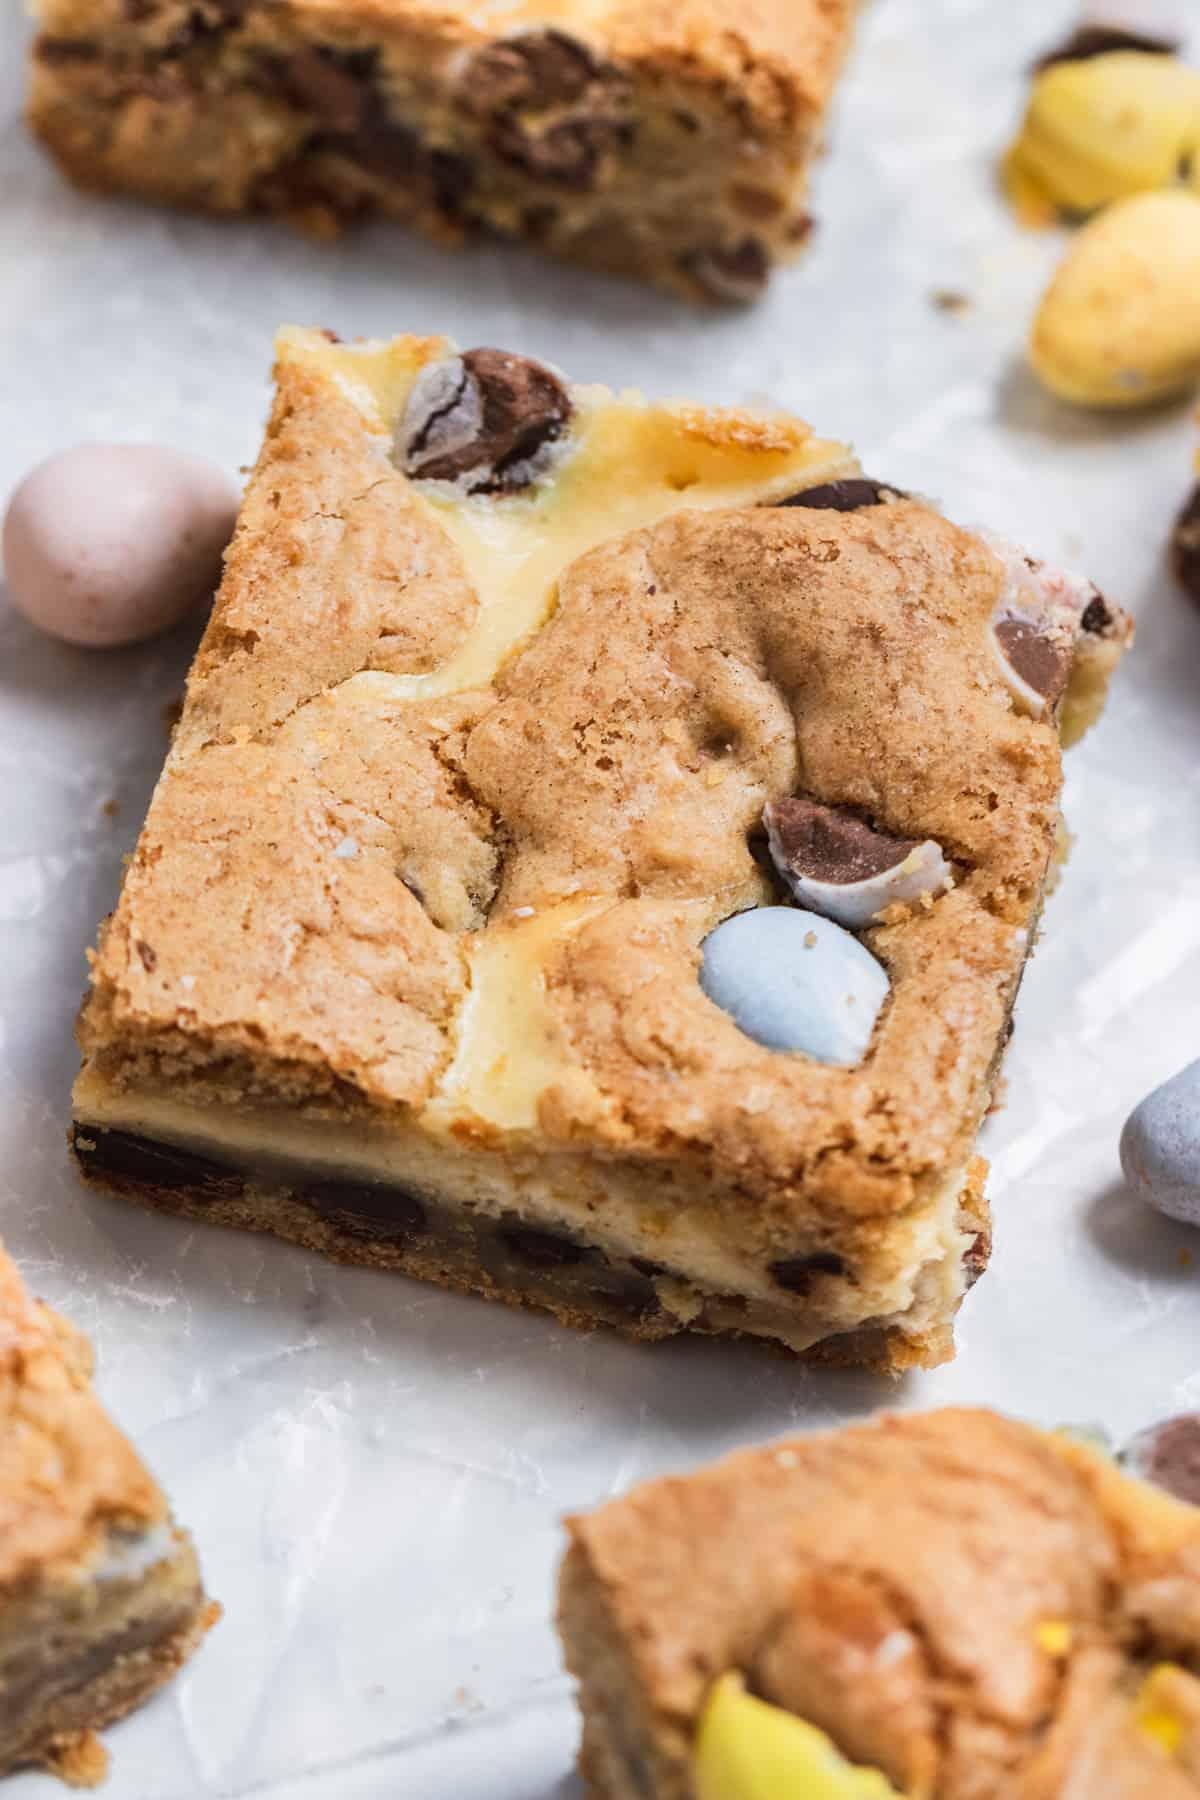 Mini egg cheesecake cookie bars on wax paper.